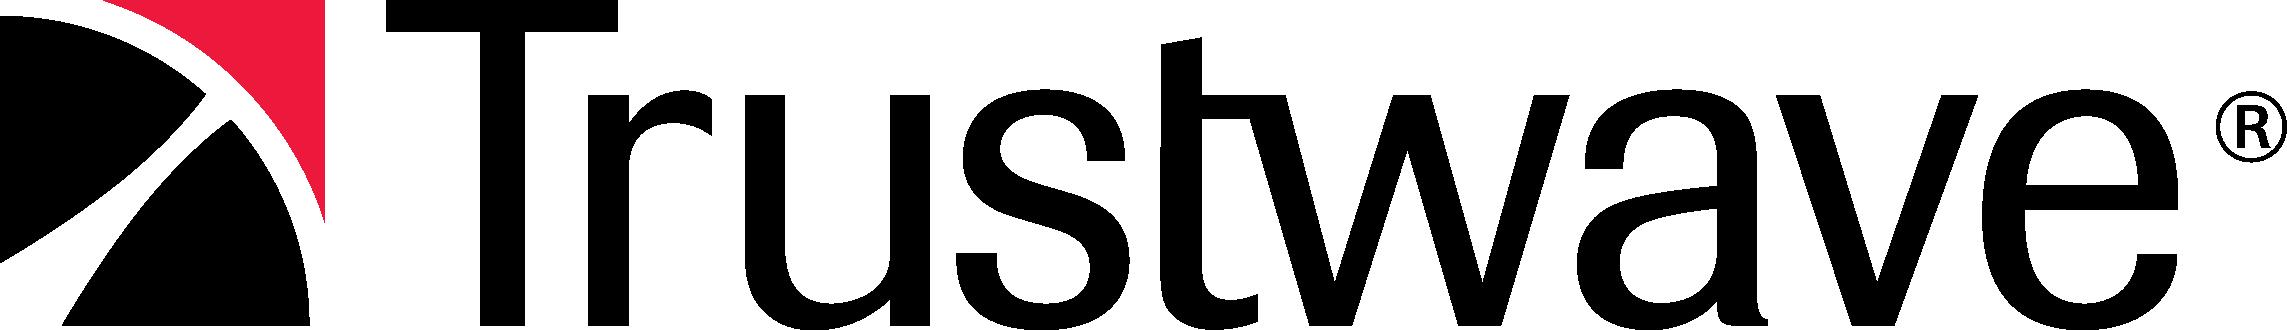 Trustwave DLP logo